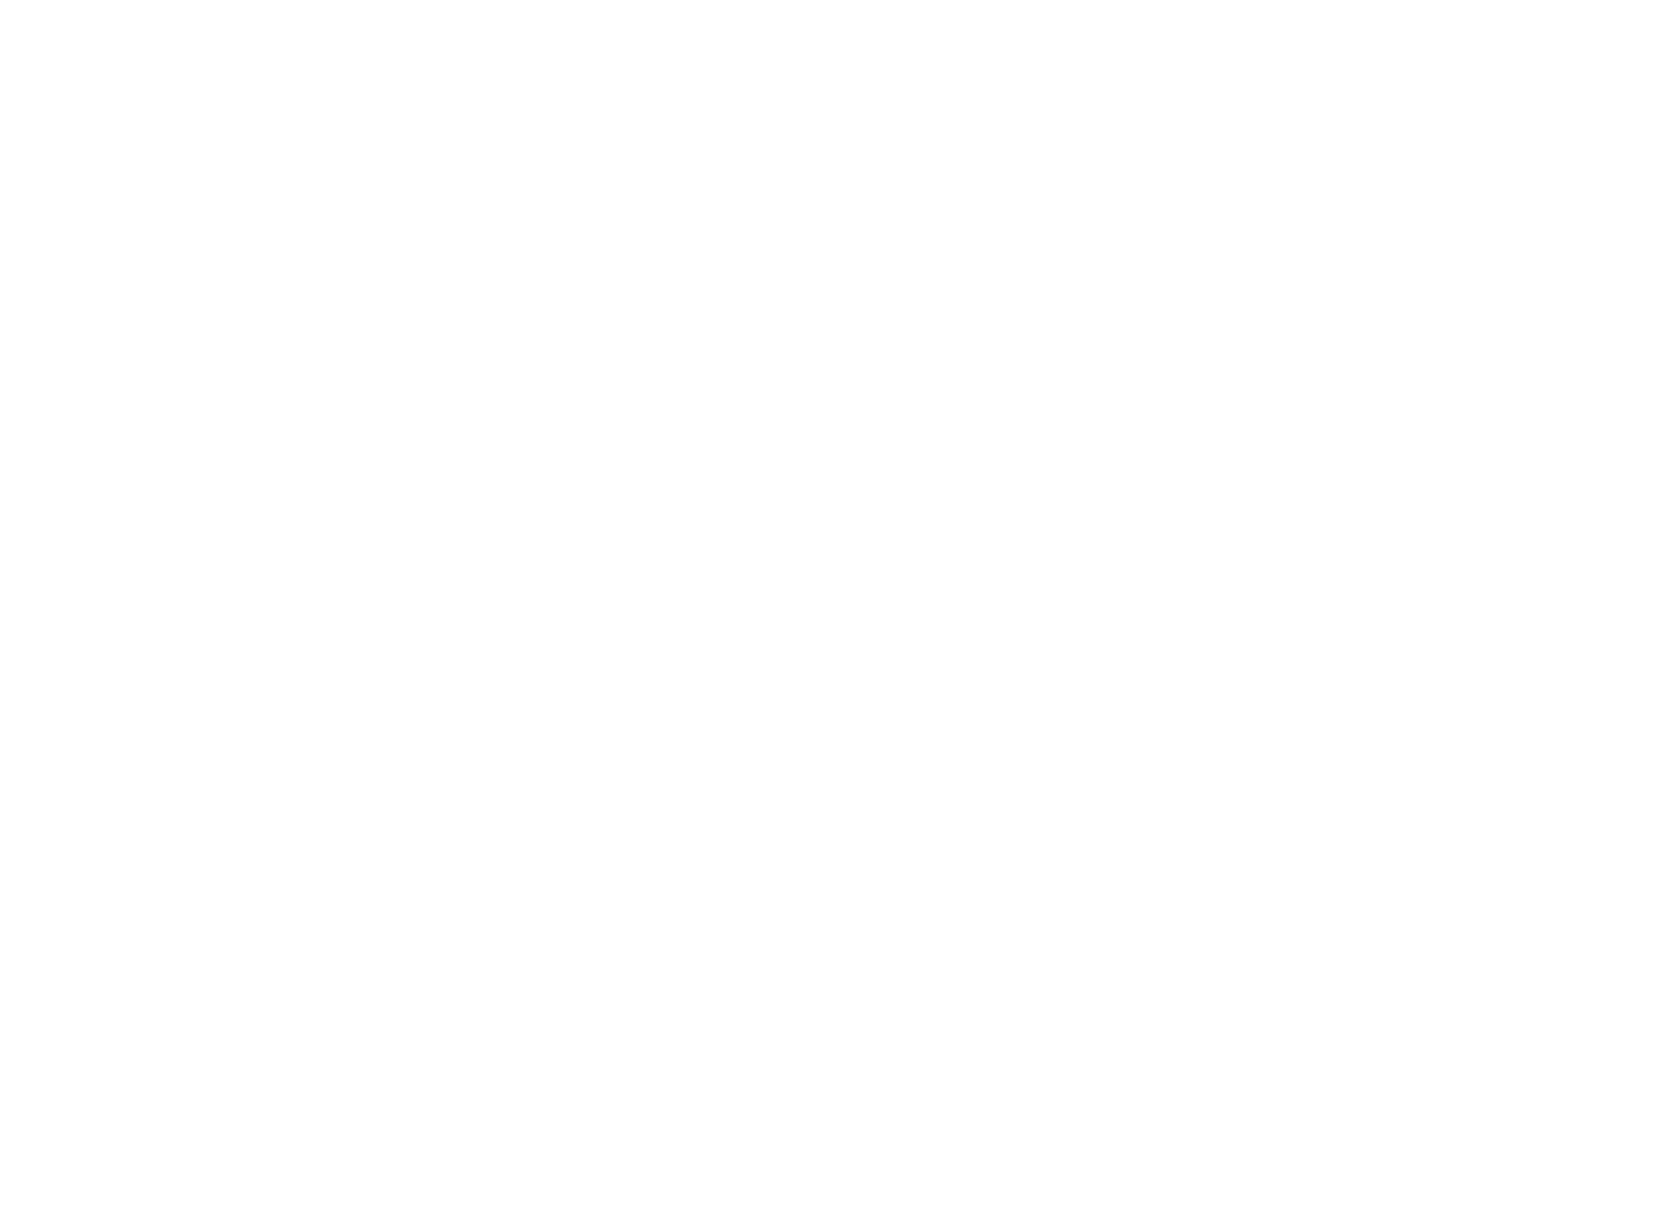 Logo-para-obscuros-01